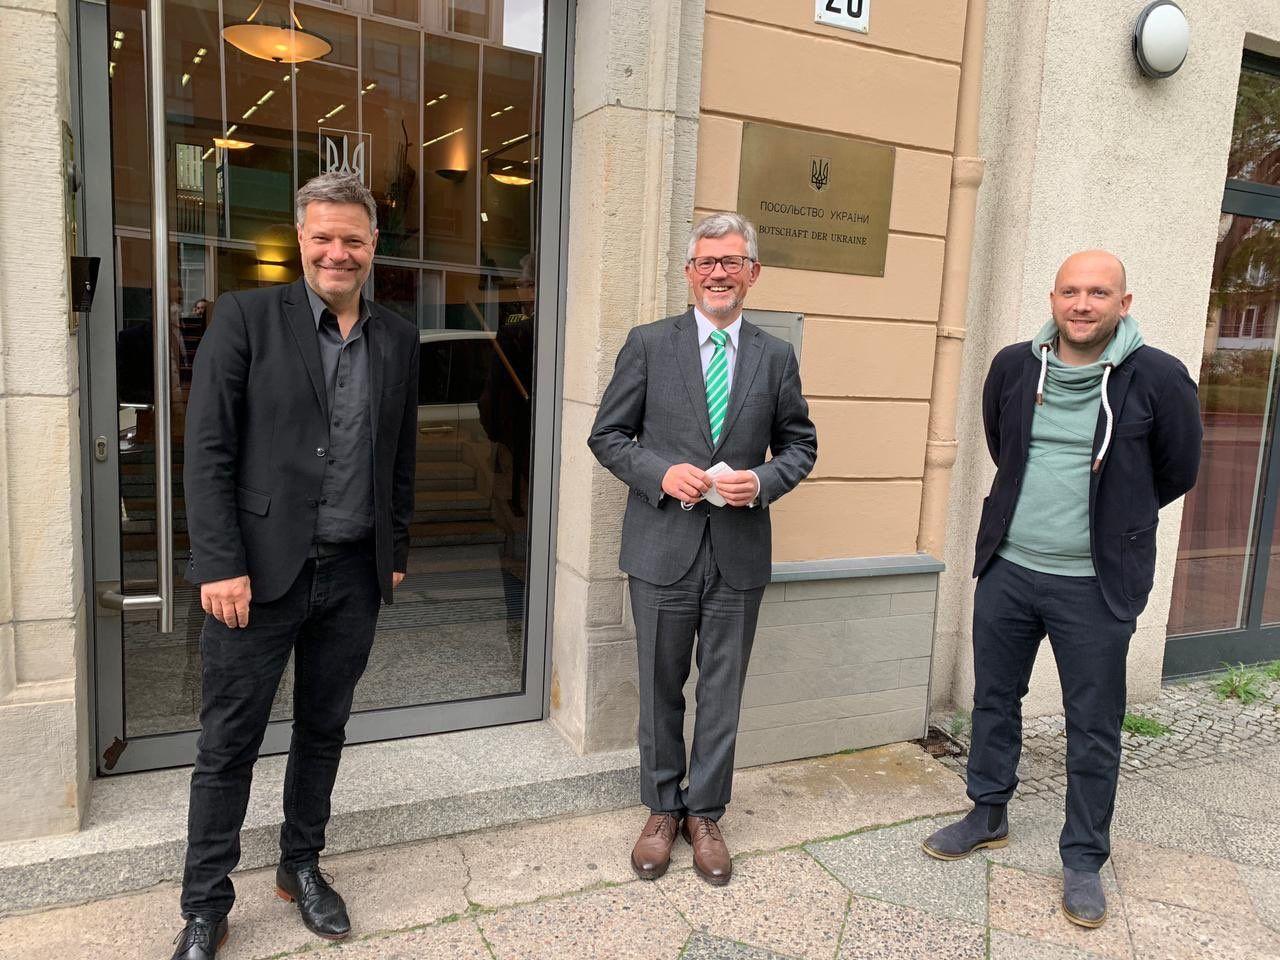 Габек из Партии зеленых Германии едет в Киев: журналист Соловей объяснил, почему этот визит так важен